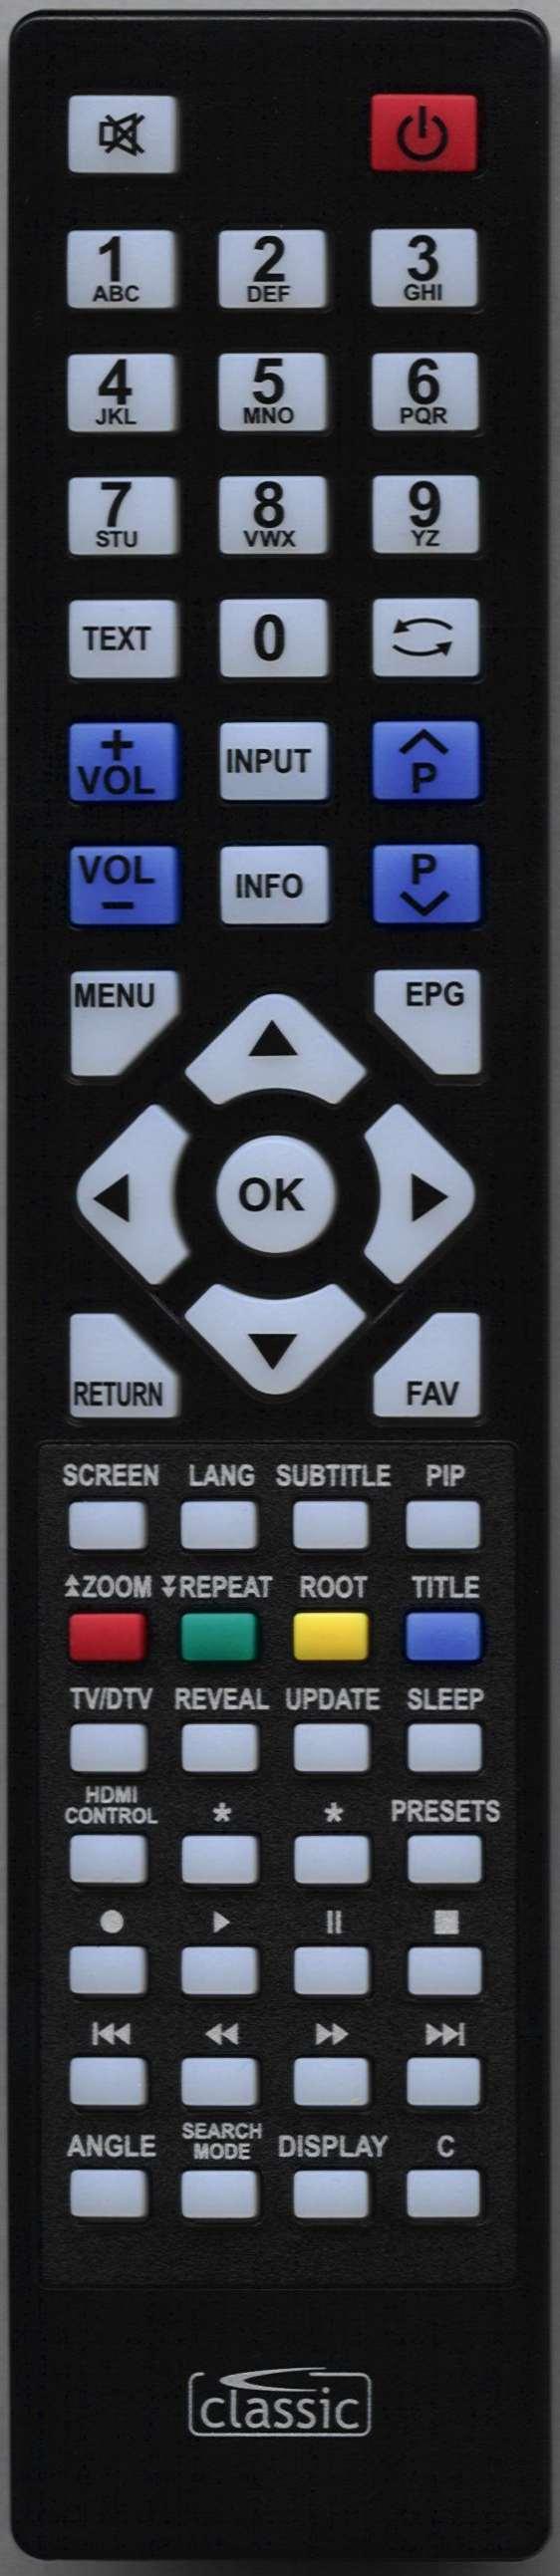 POLAROID RC3902/30068434 Remote Control Alternative